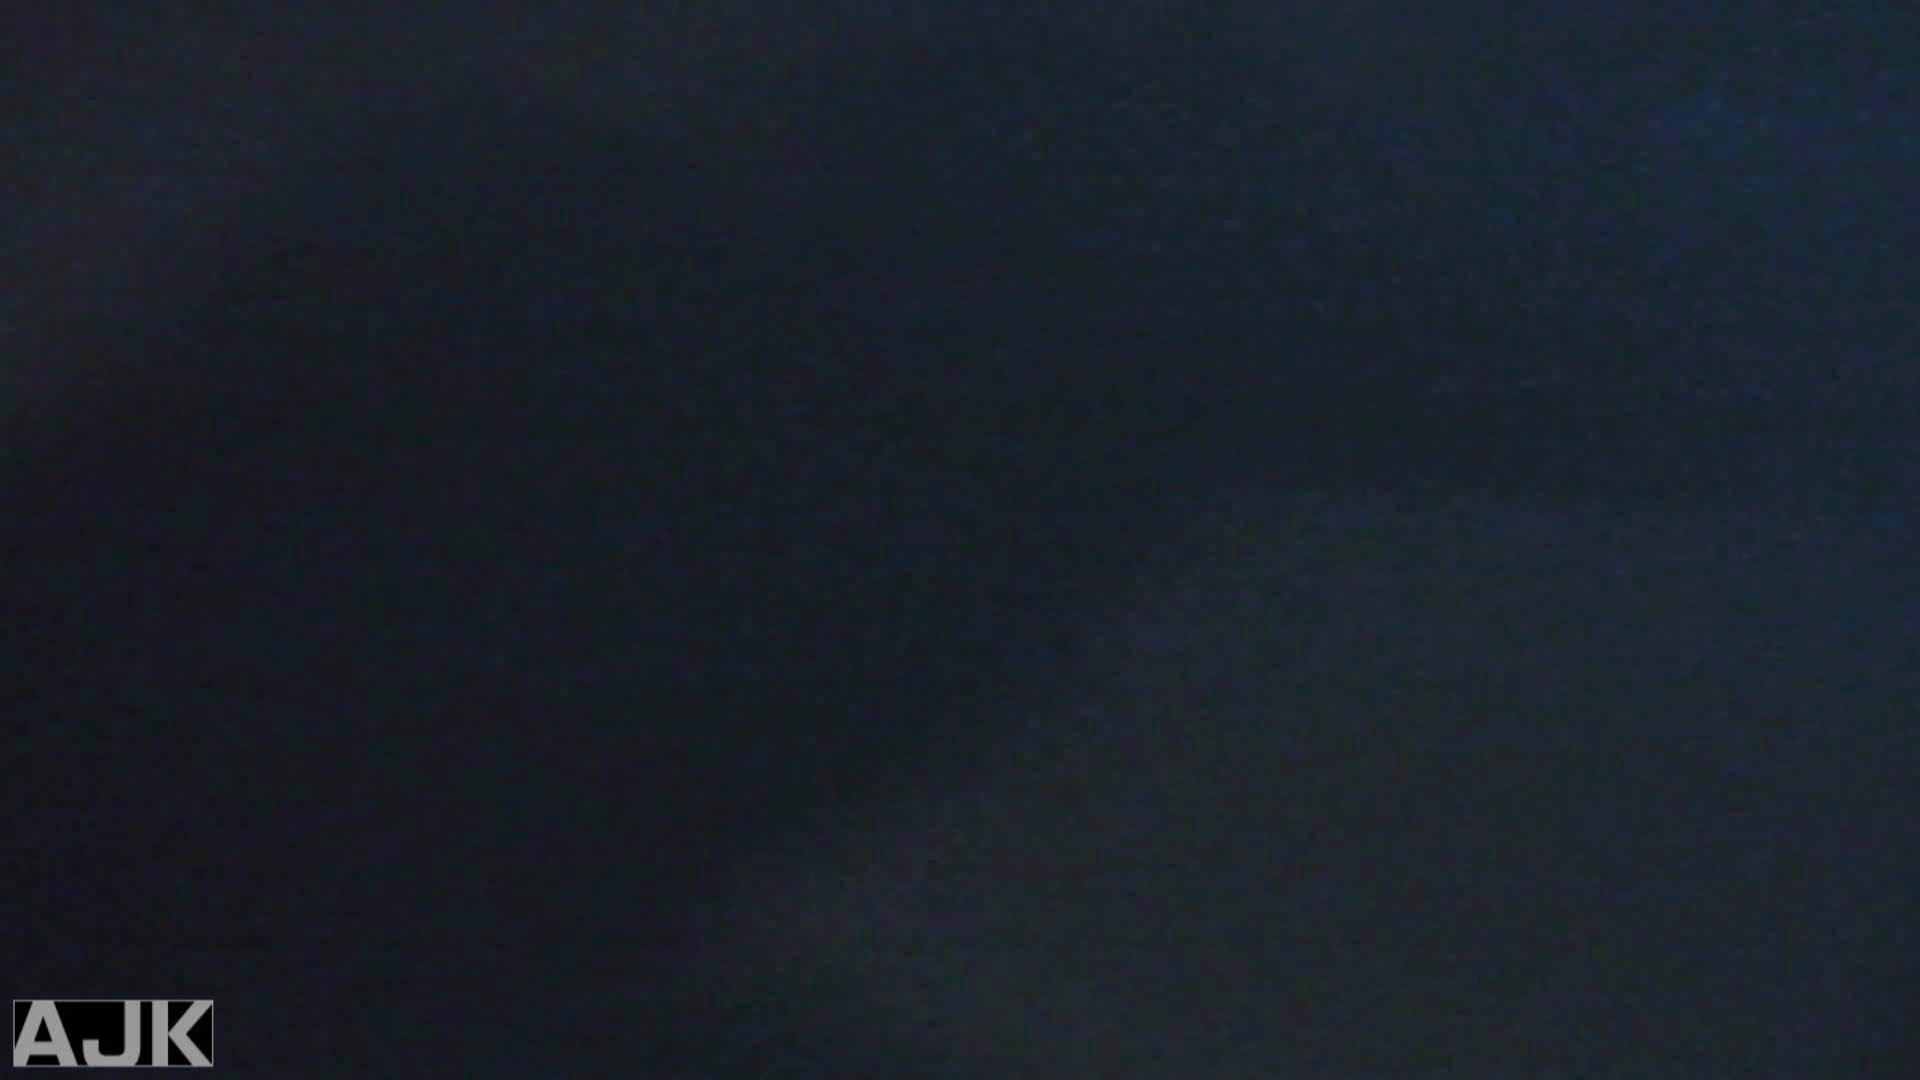 神降臨!史上最強の潜入かわや! vol.24 無修正マンコ AV無料 90連発 38